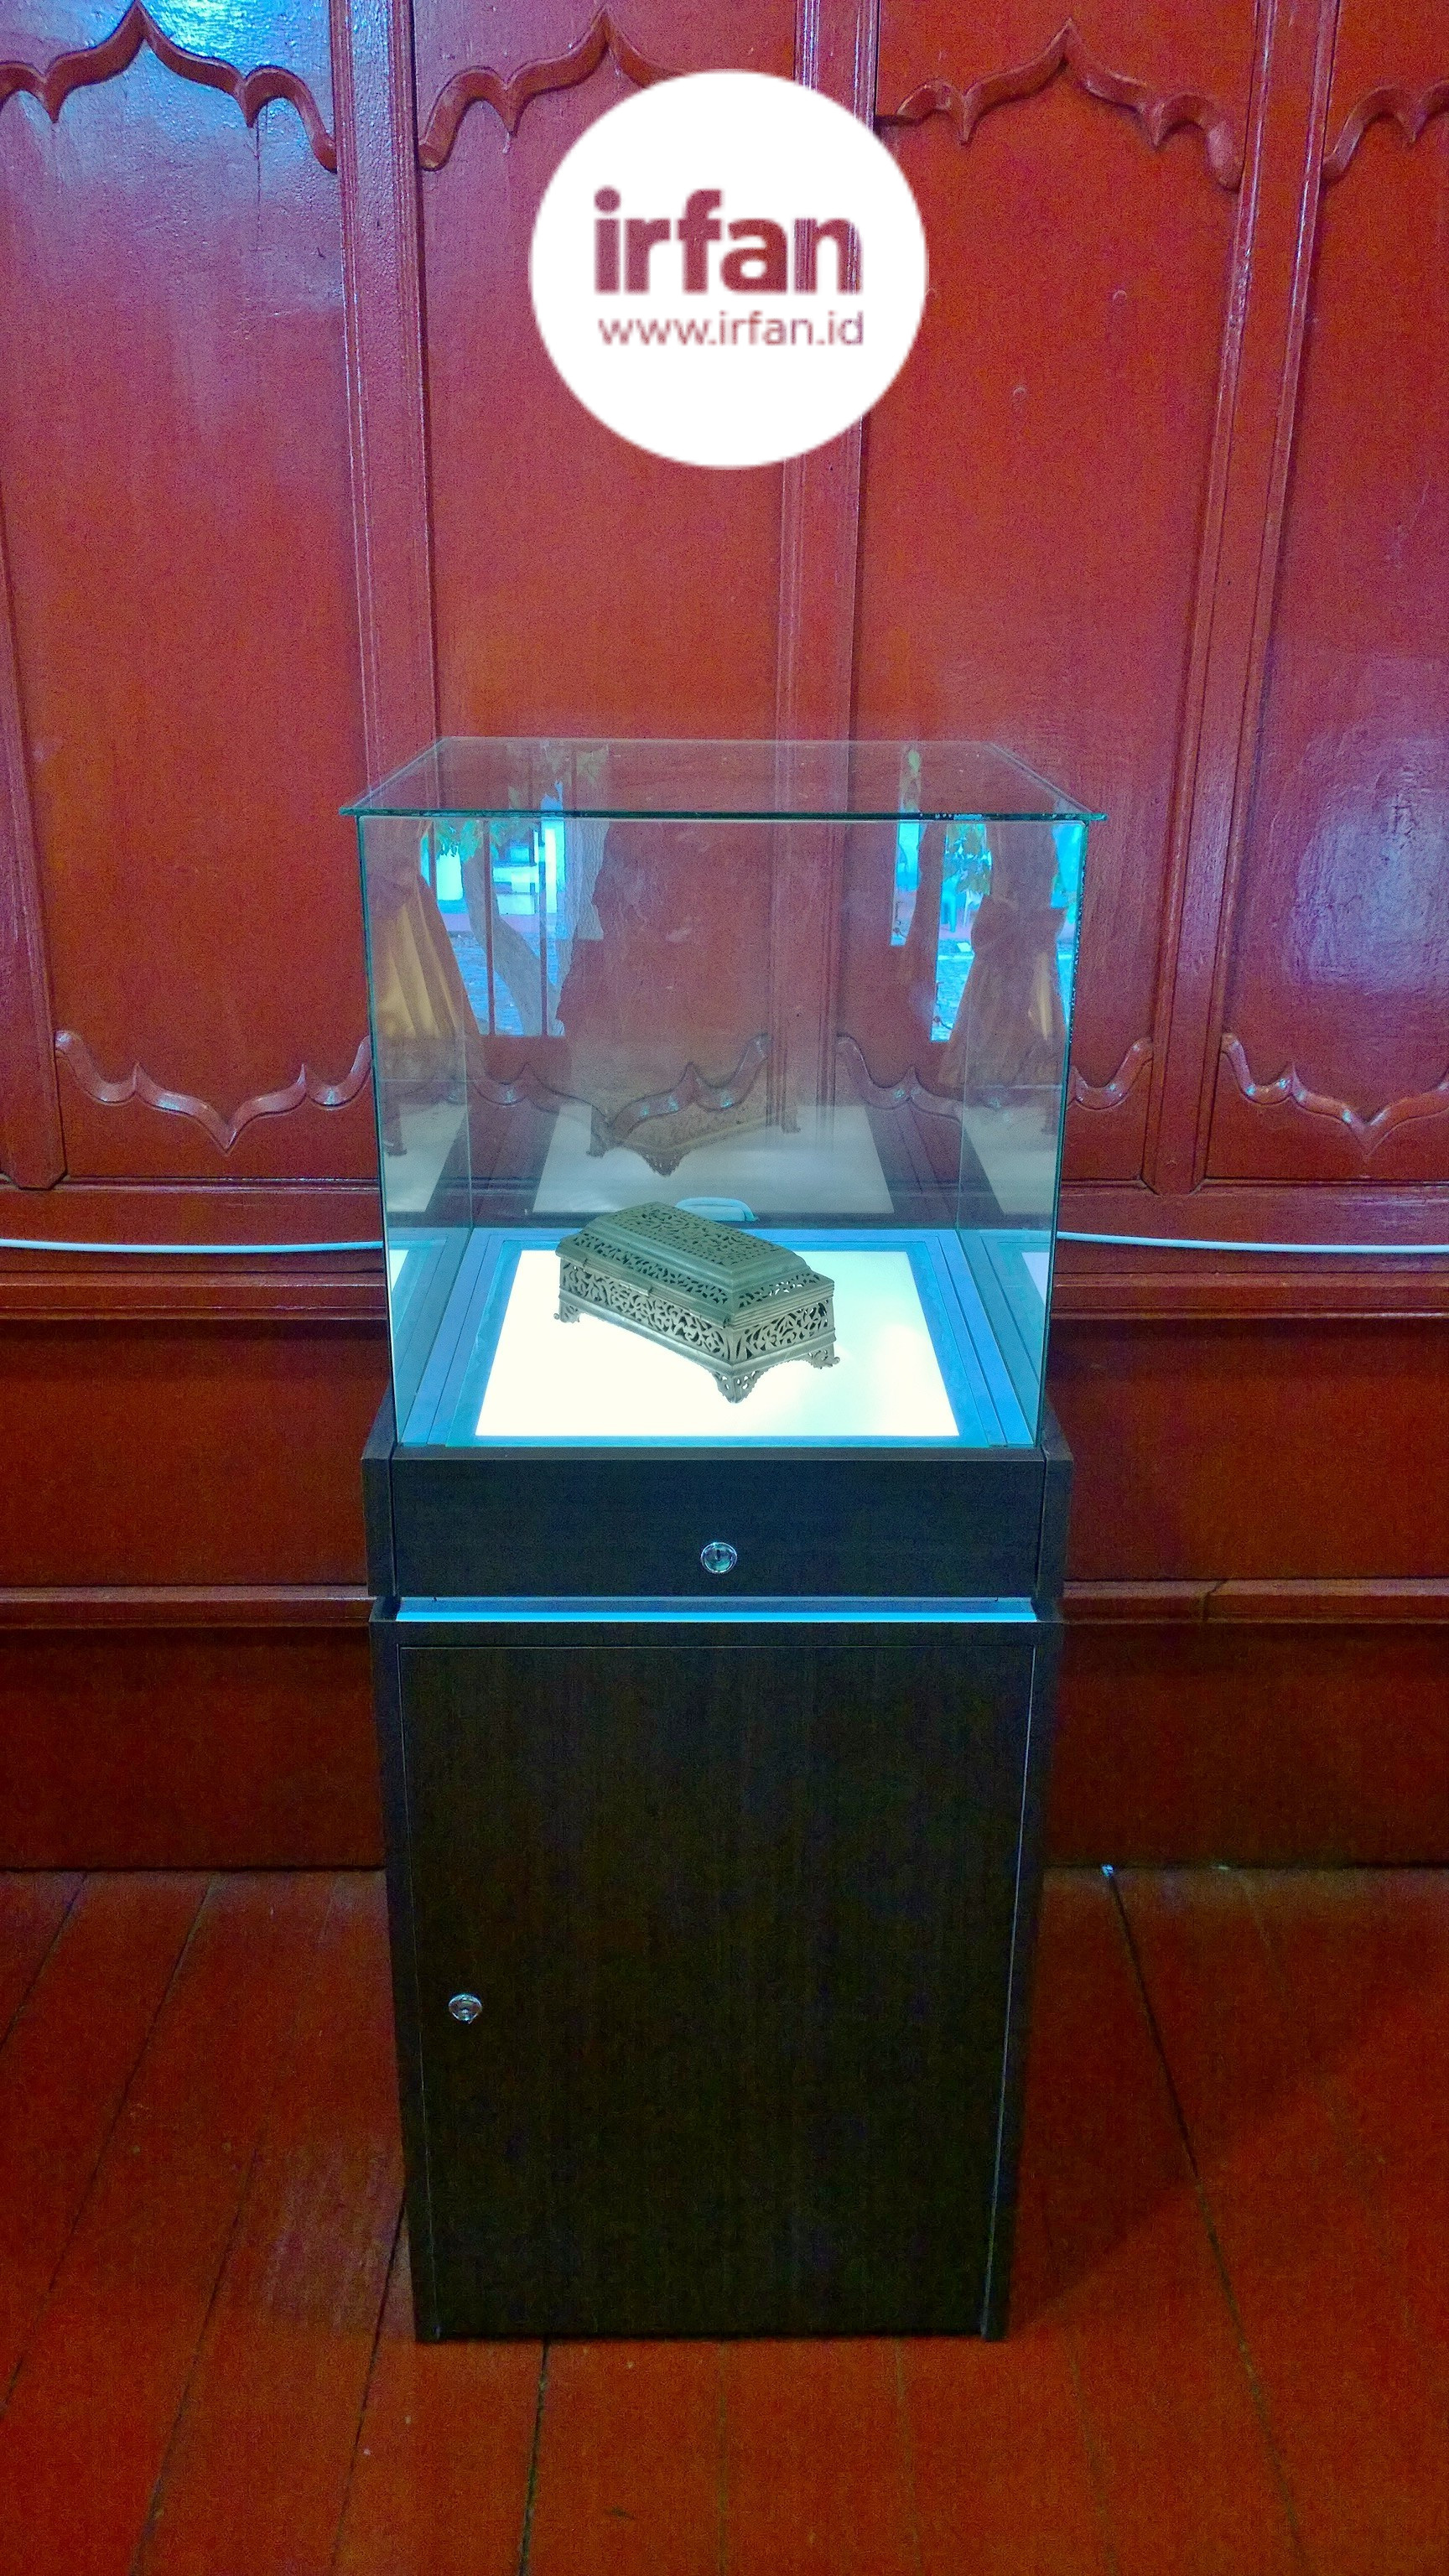 FOTO: Museum Negeri Aceh, Wisata Sejarah Yang Wajib Dikunjungi 40